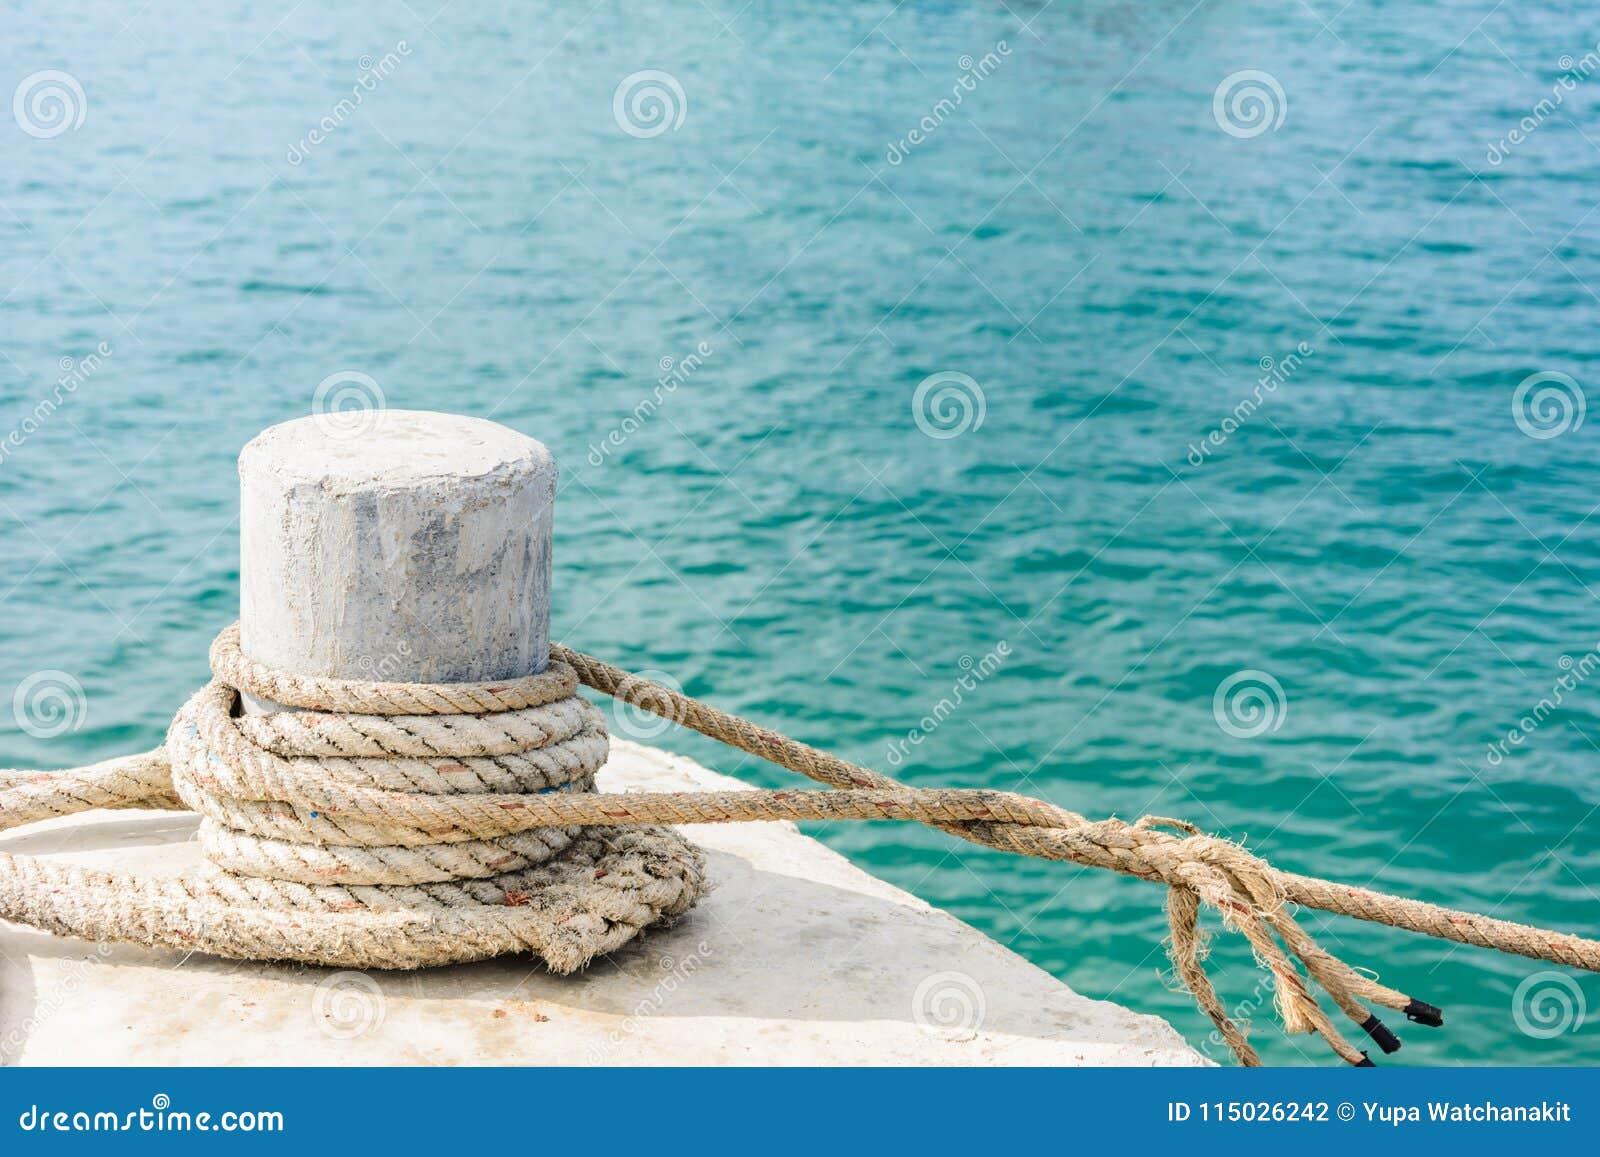 Une borne d amarrage s est enlacée avec une corde d amarrage